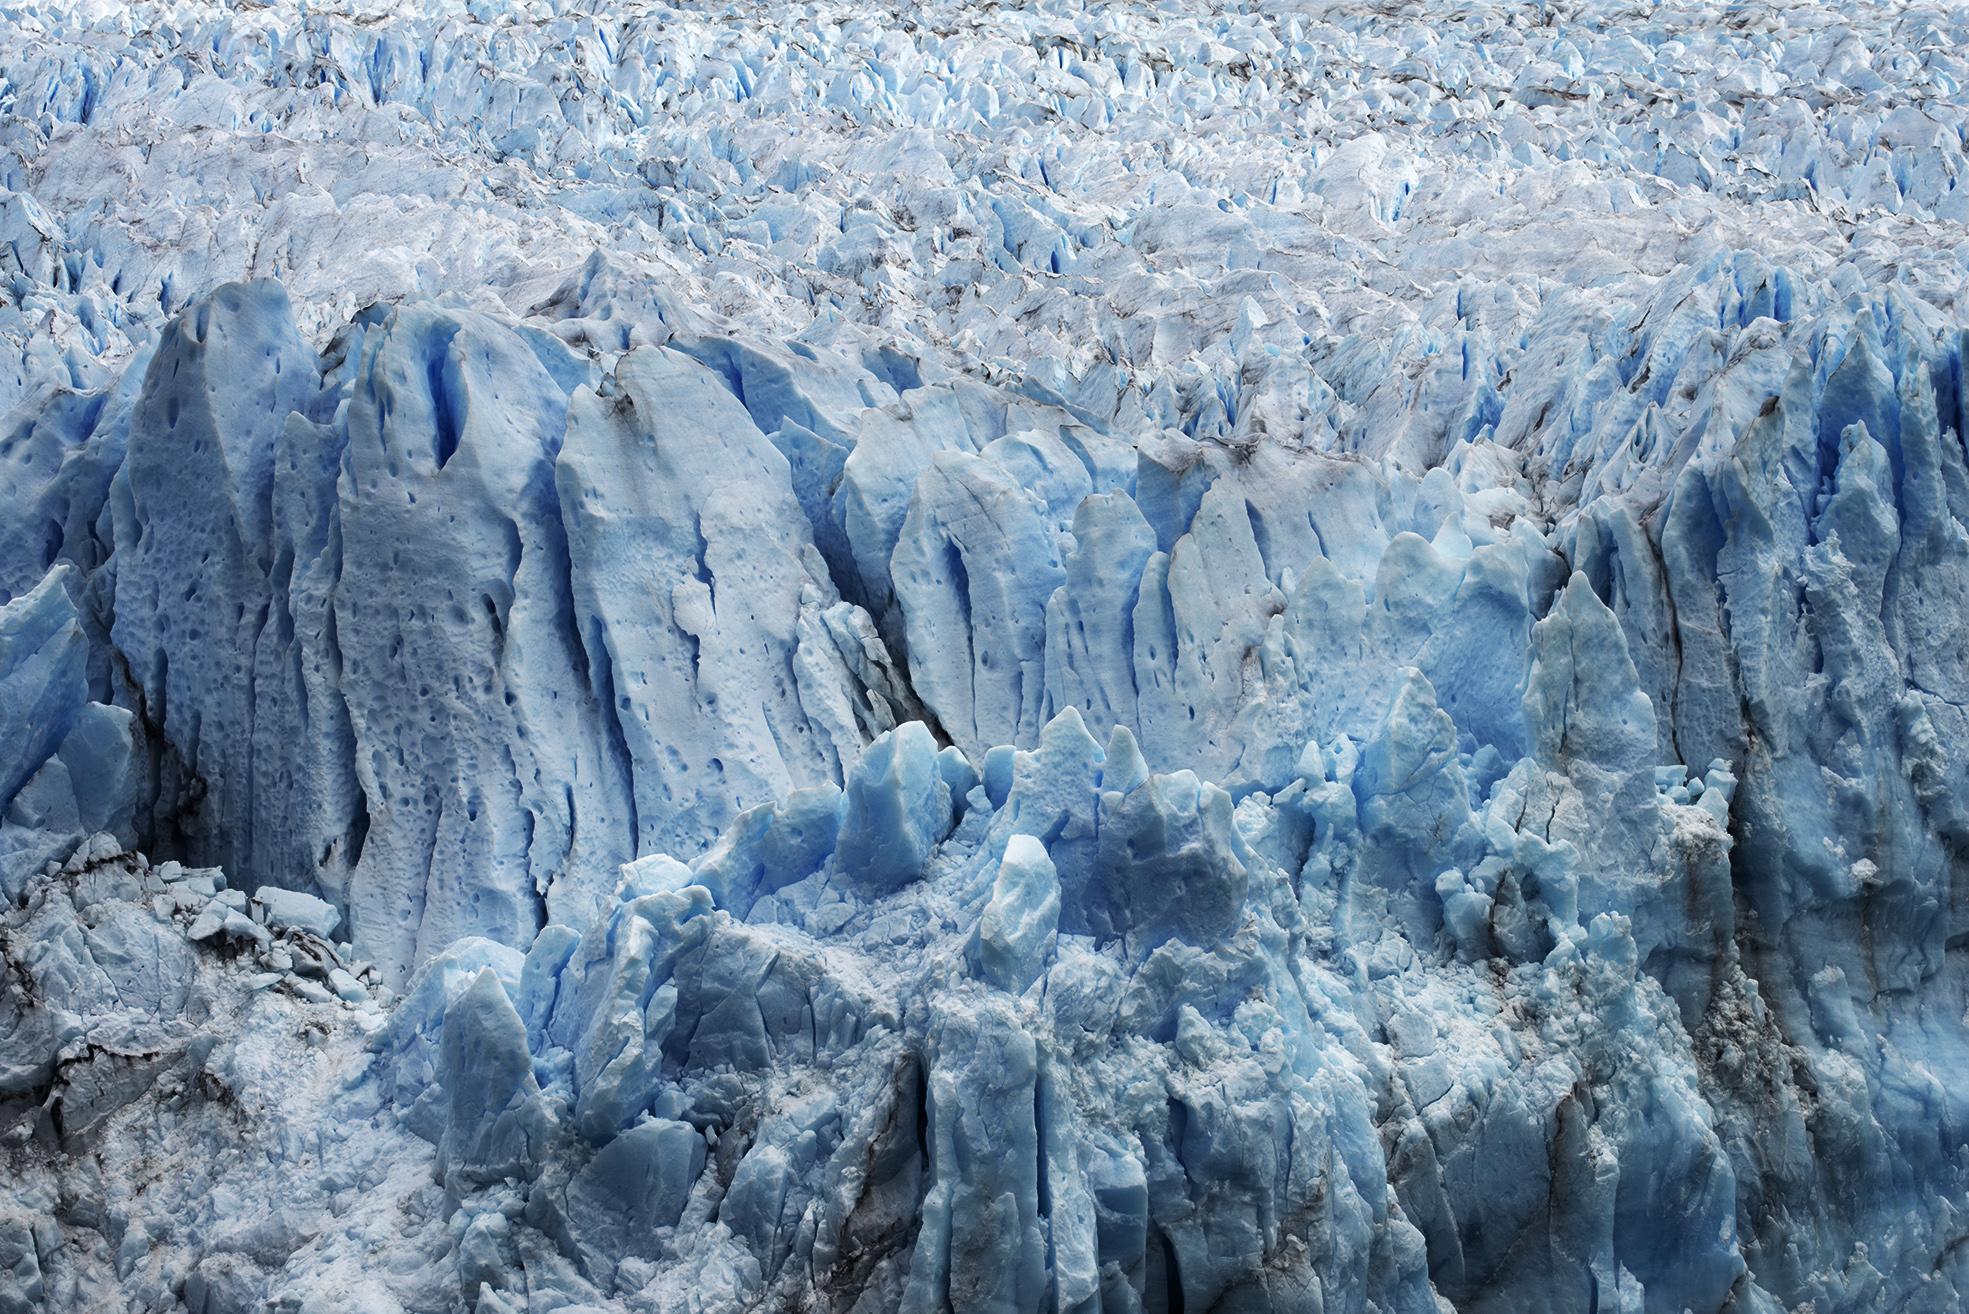 Flowing Glacier, Patagonia, 2016